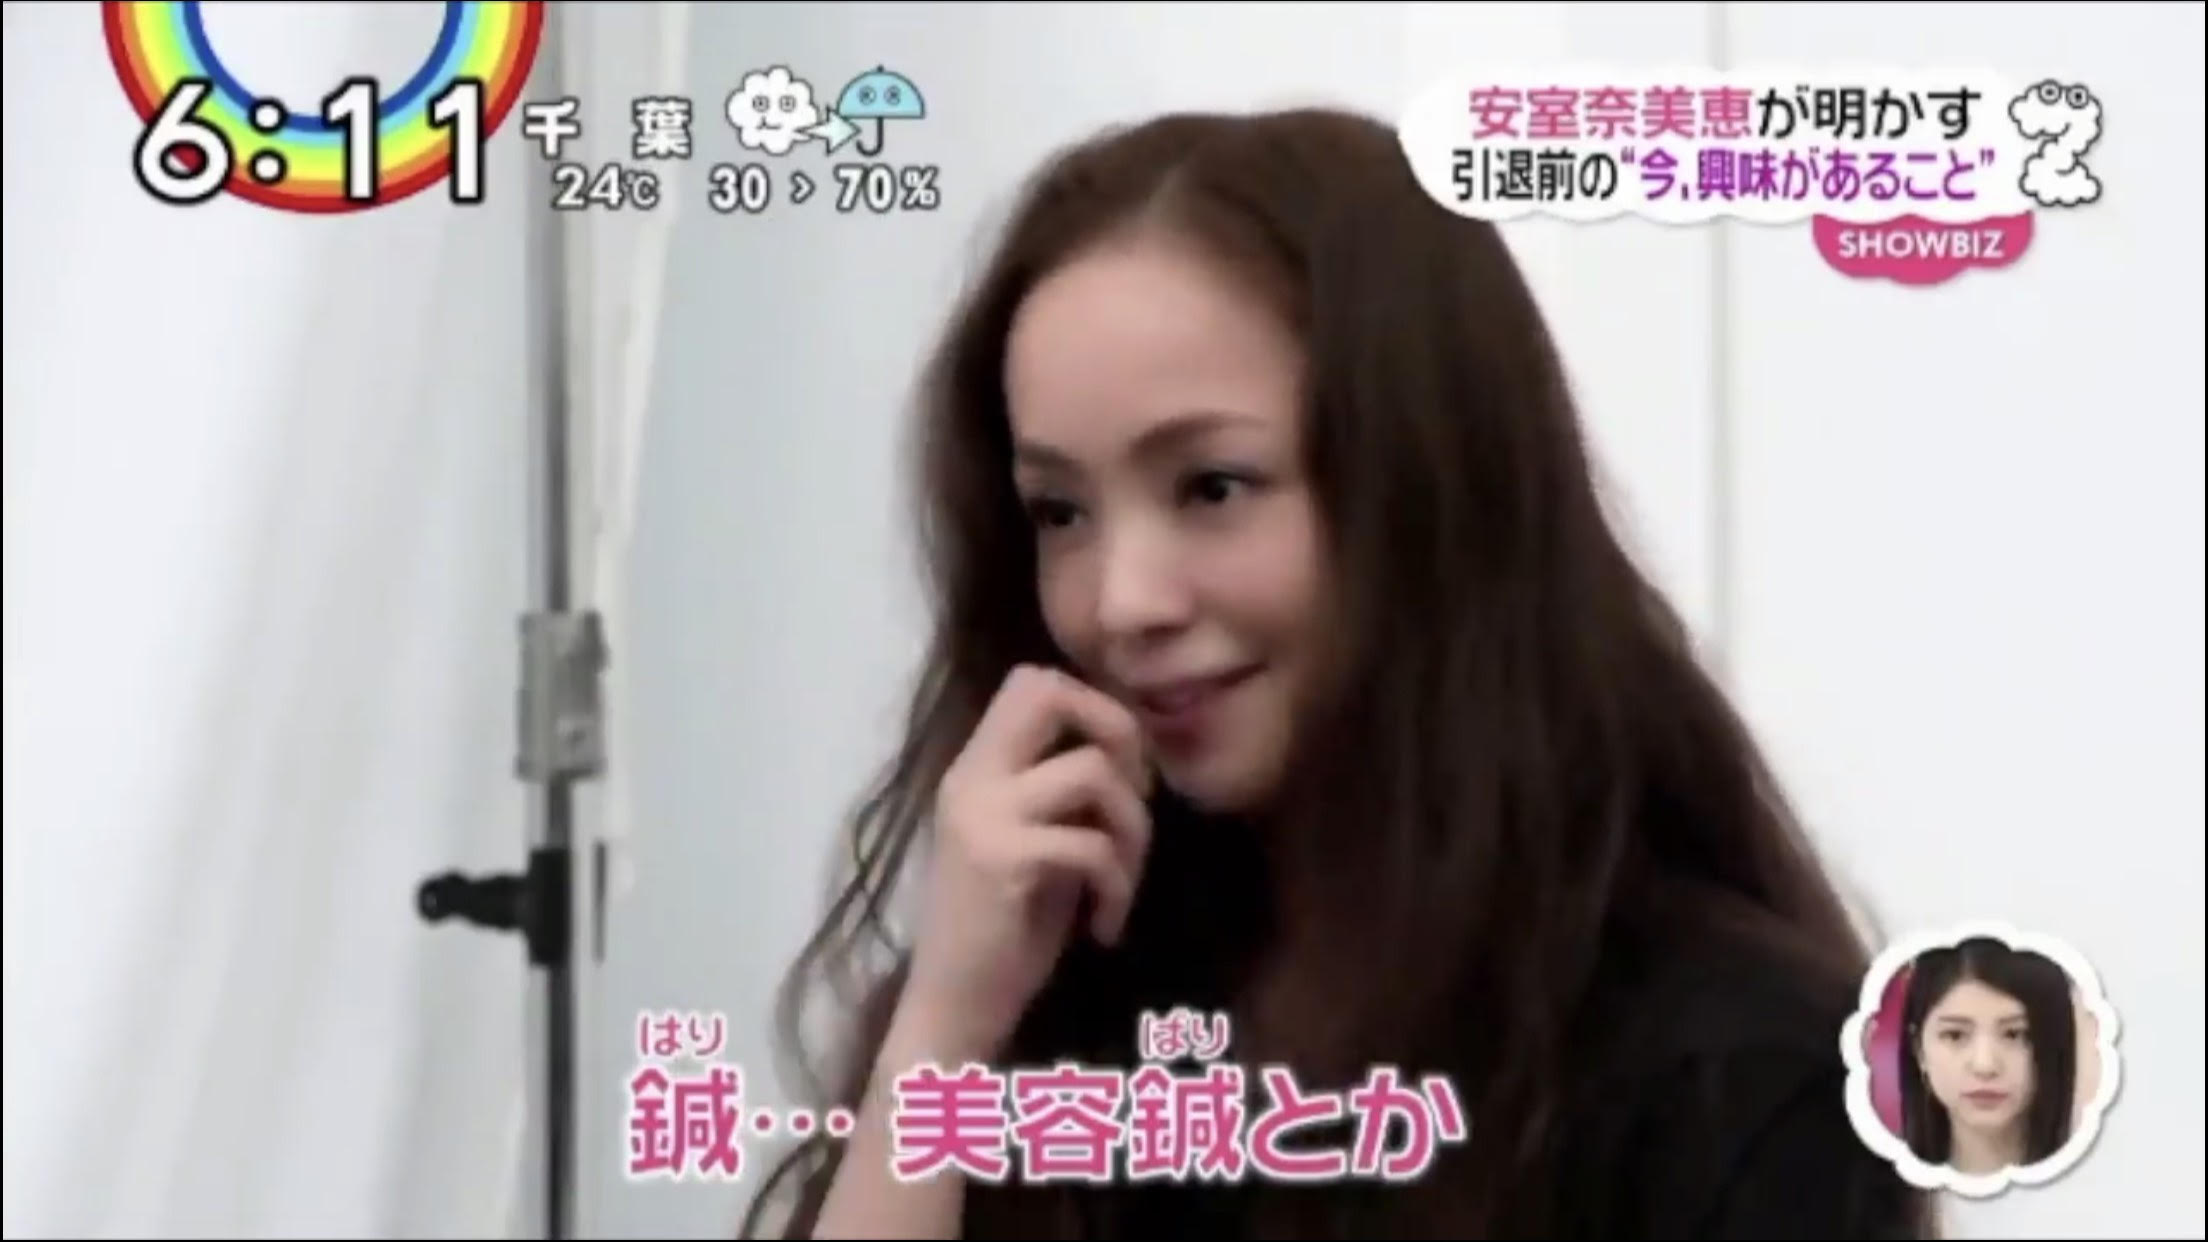 記事 あの安室奈美恵さんも注目の美容鍼灸ならハリアットへ!のアイキャッチ画像